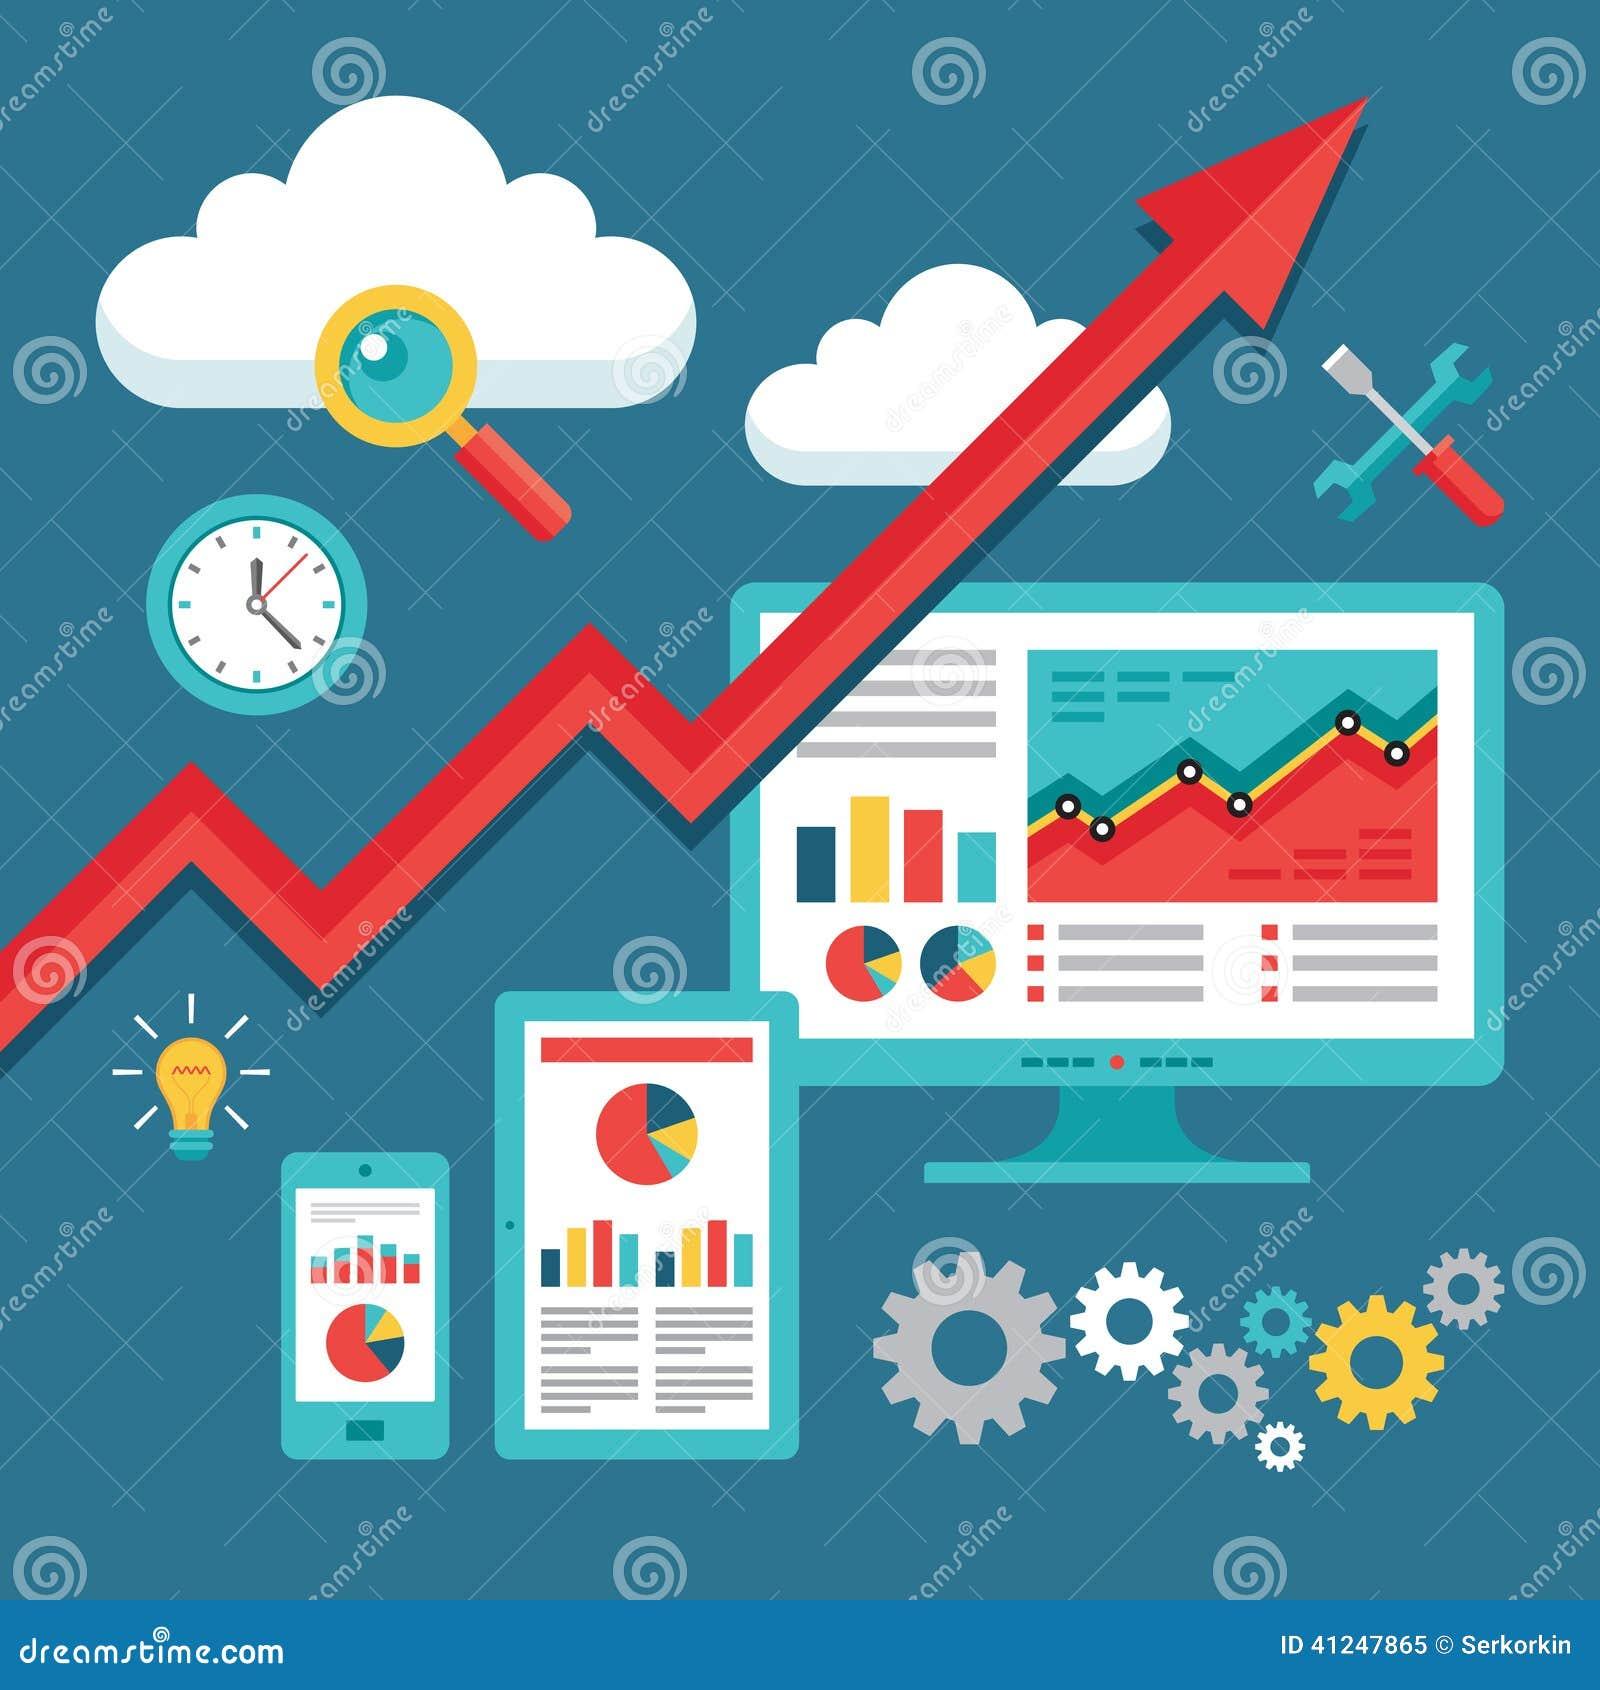 SEO (optimización del Search Engine) que programa - tendencia al alza del negocio